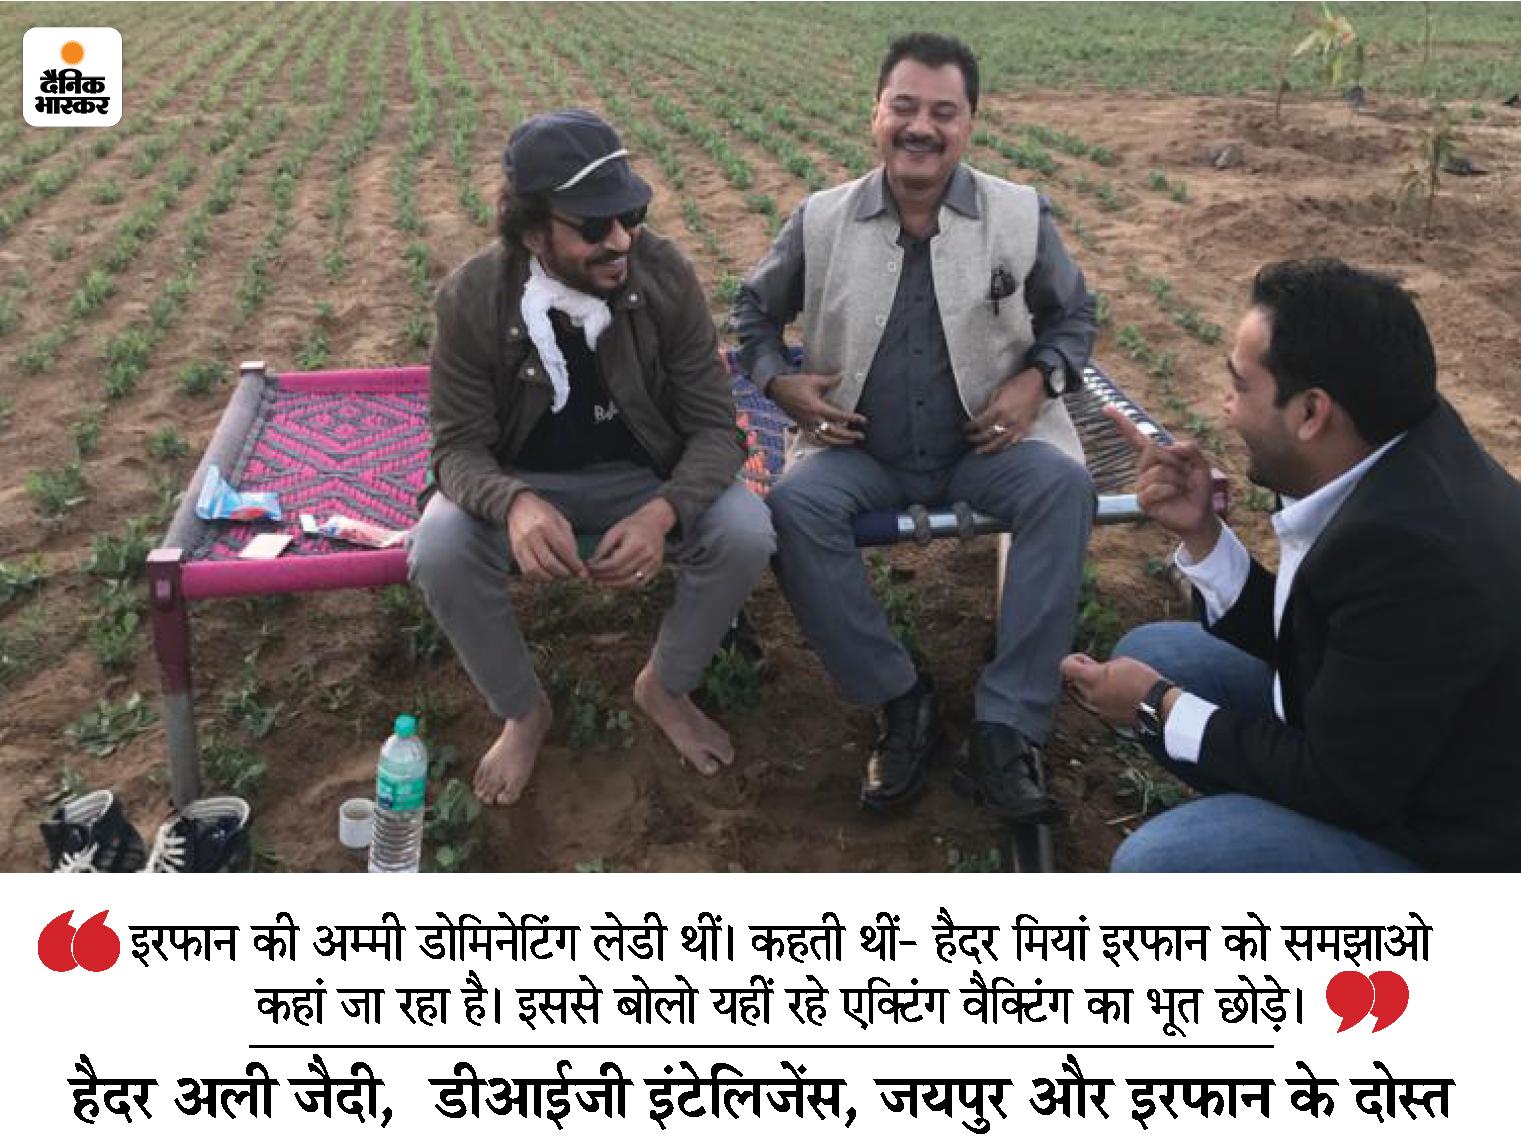 जयपुर में खेत पर बातें करते इरफान खान और उनके दोस्त हैदर अली जैदी। - Dainik Bhaskar